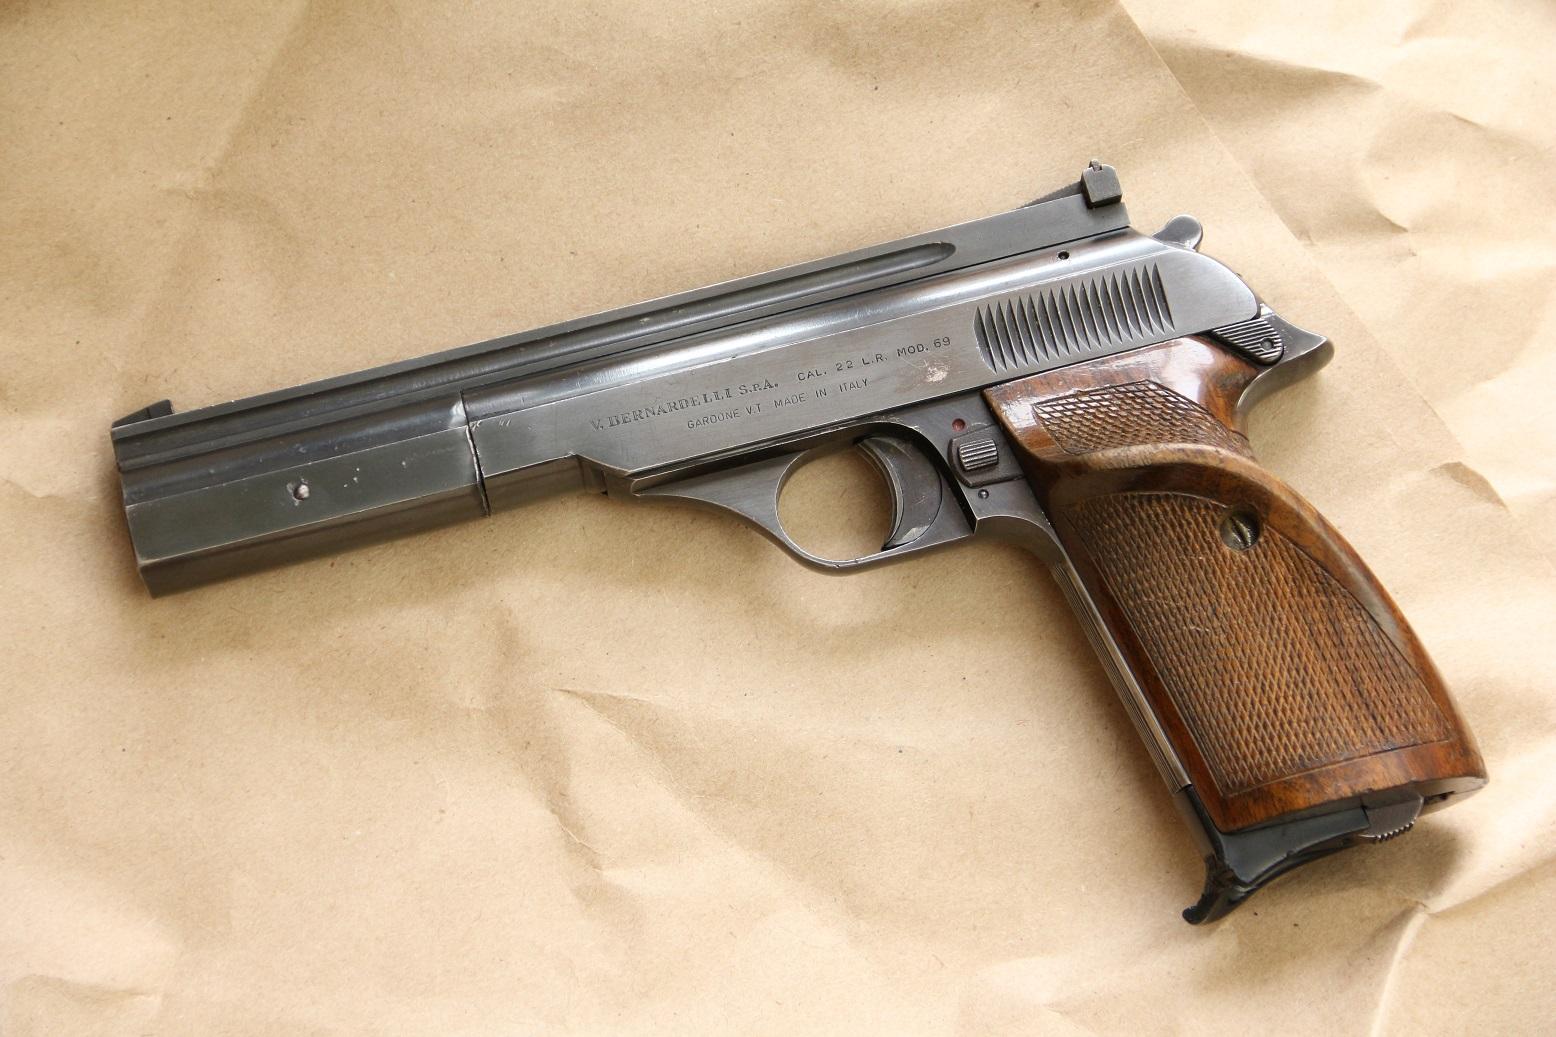 Фото Спортивный пистолет Bernardelli model 69